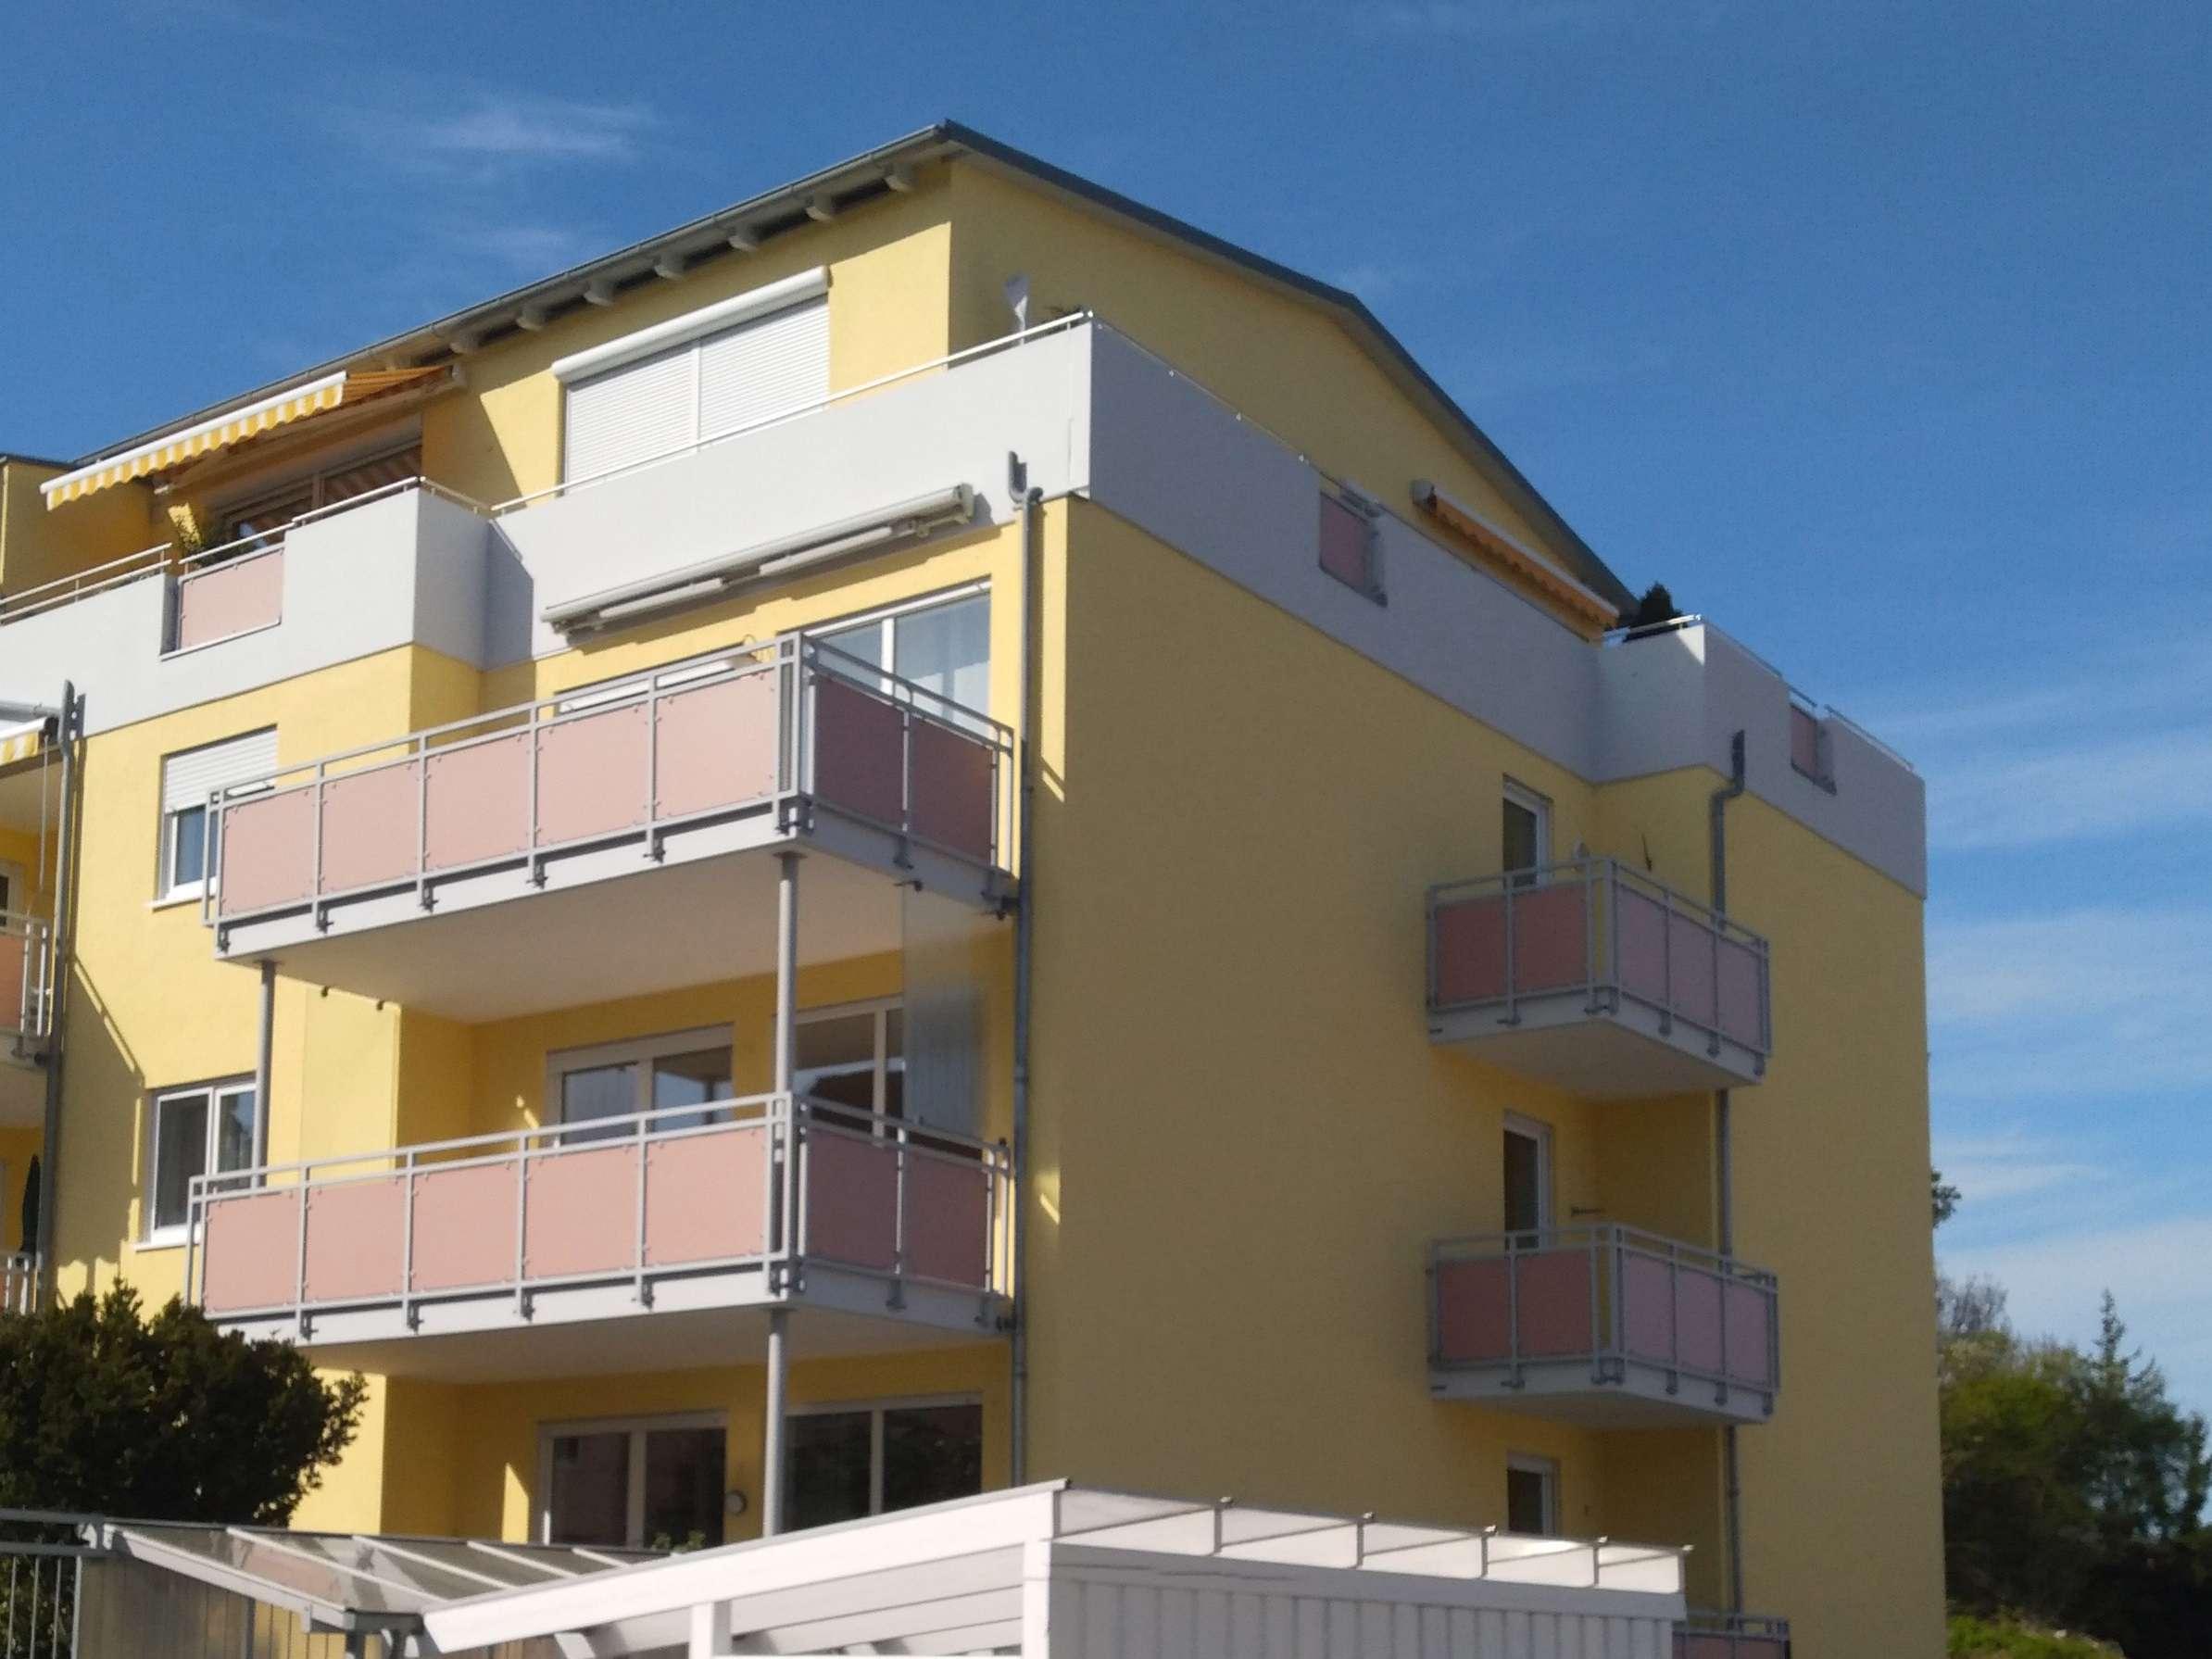 Helle gepflegte 3-Zimmer-Wohnung mit 2 Balkonen und Aufzug in Lappersdorf,  1.Stock in